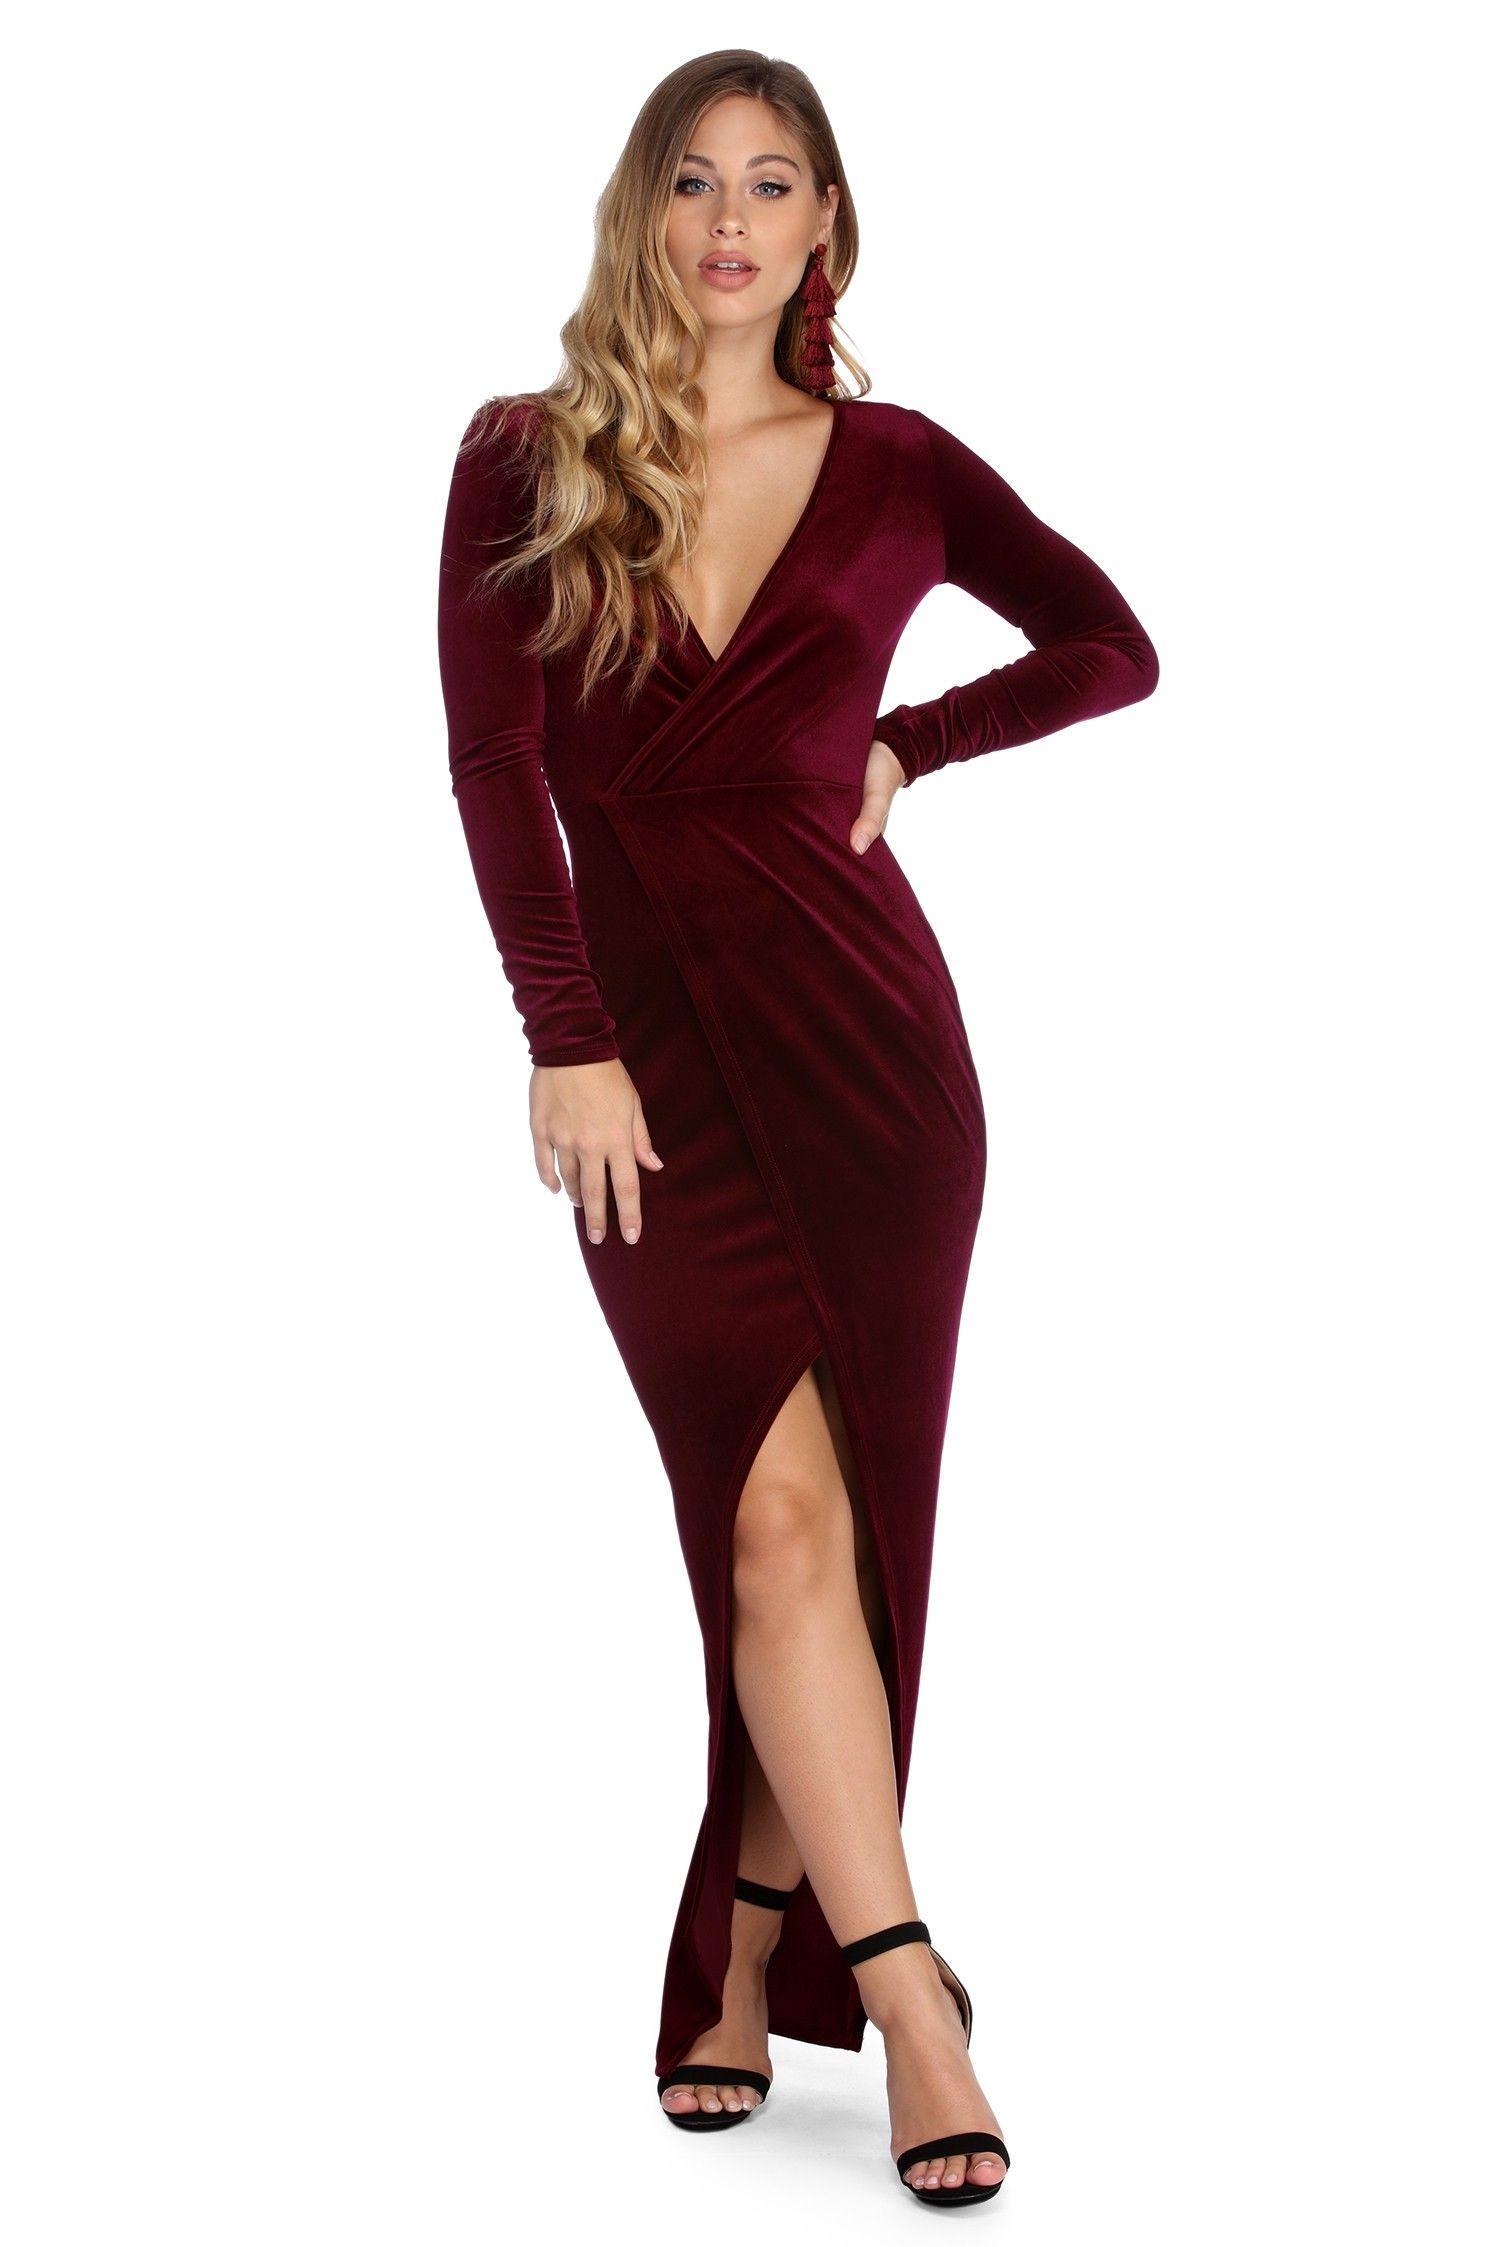 Its A Wrap Velvet Dress Velvet Evening Dress Velvet Dress Plus Size Burgundy Velvet Dress [ 2247 x 1500 Pixel ]